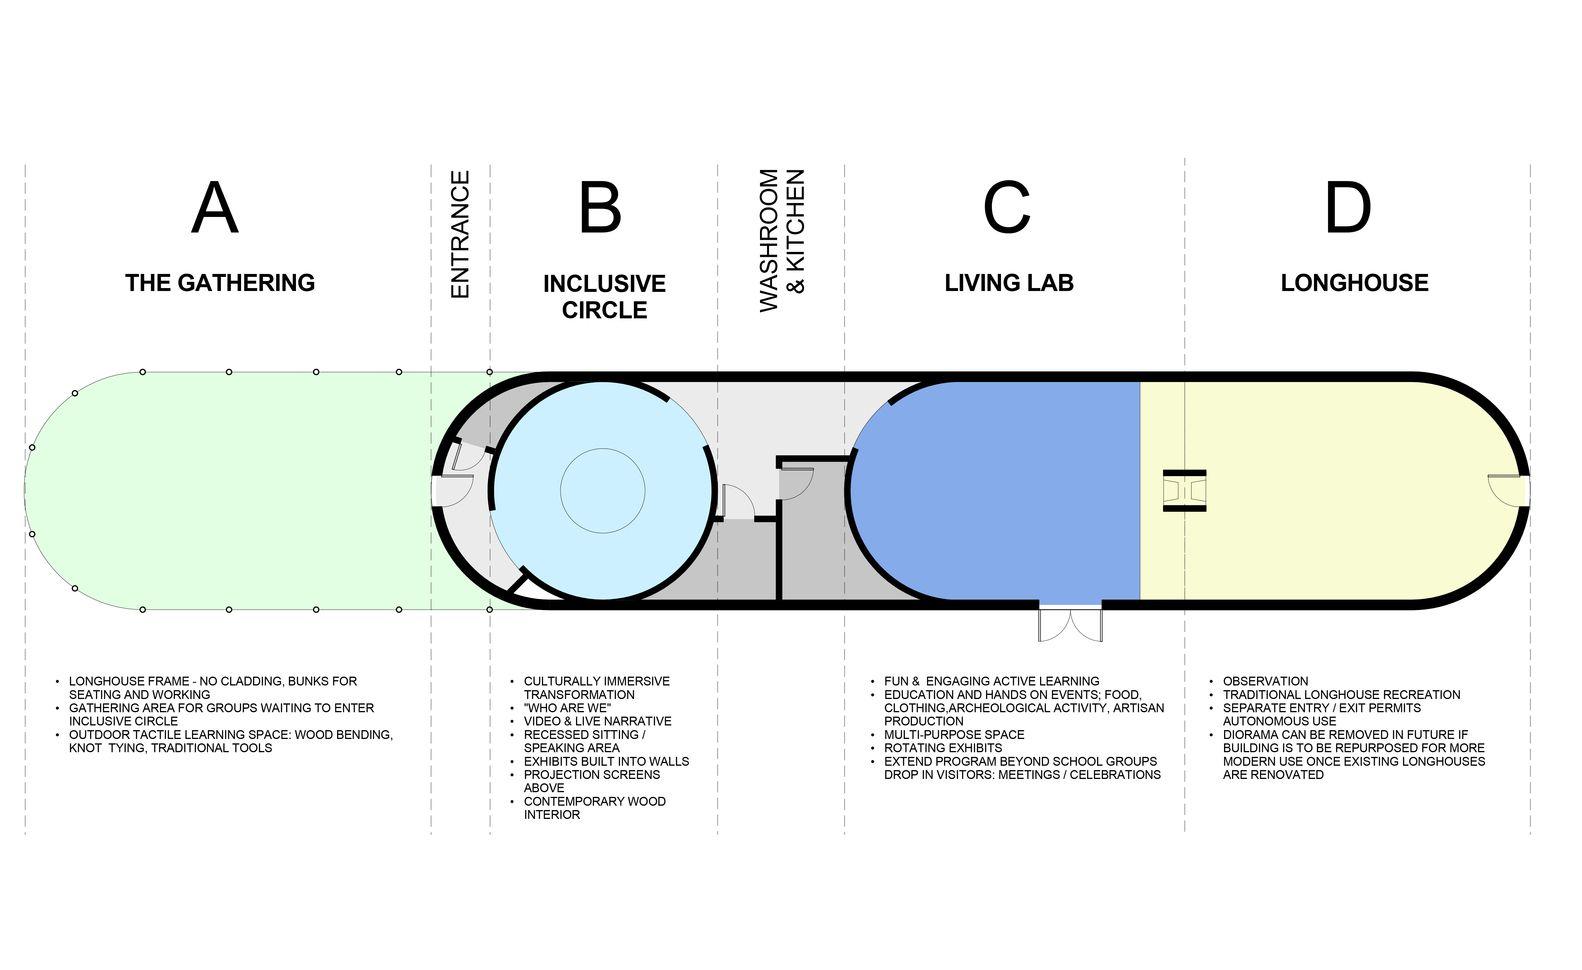 Gallery Of Deer Clan Longhouse Brook Mcllroy 17 How To Plan Clan Arta